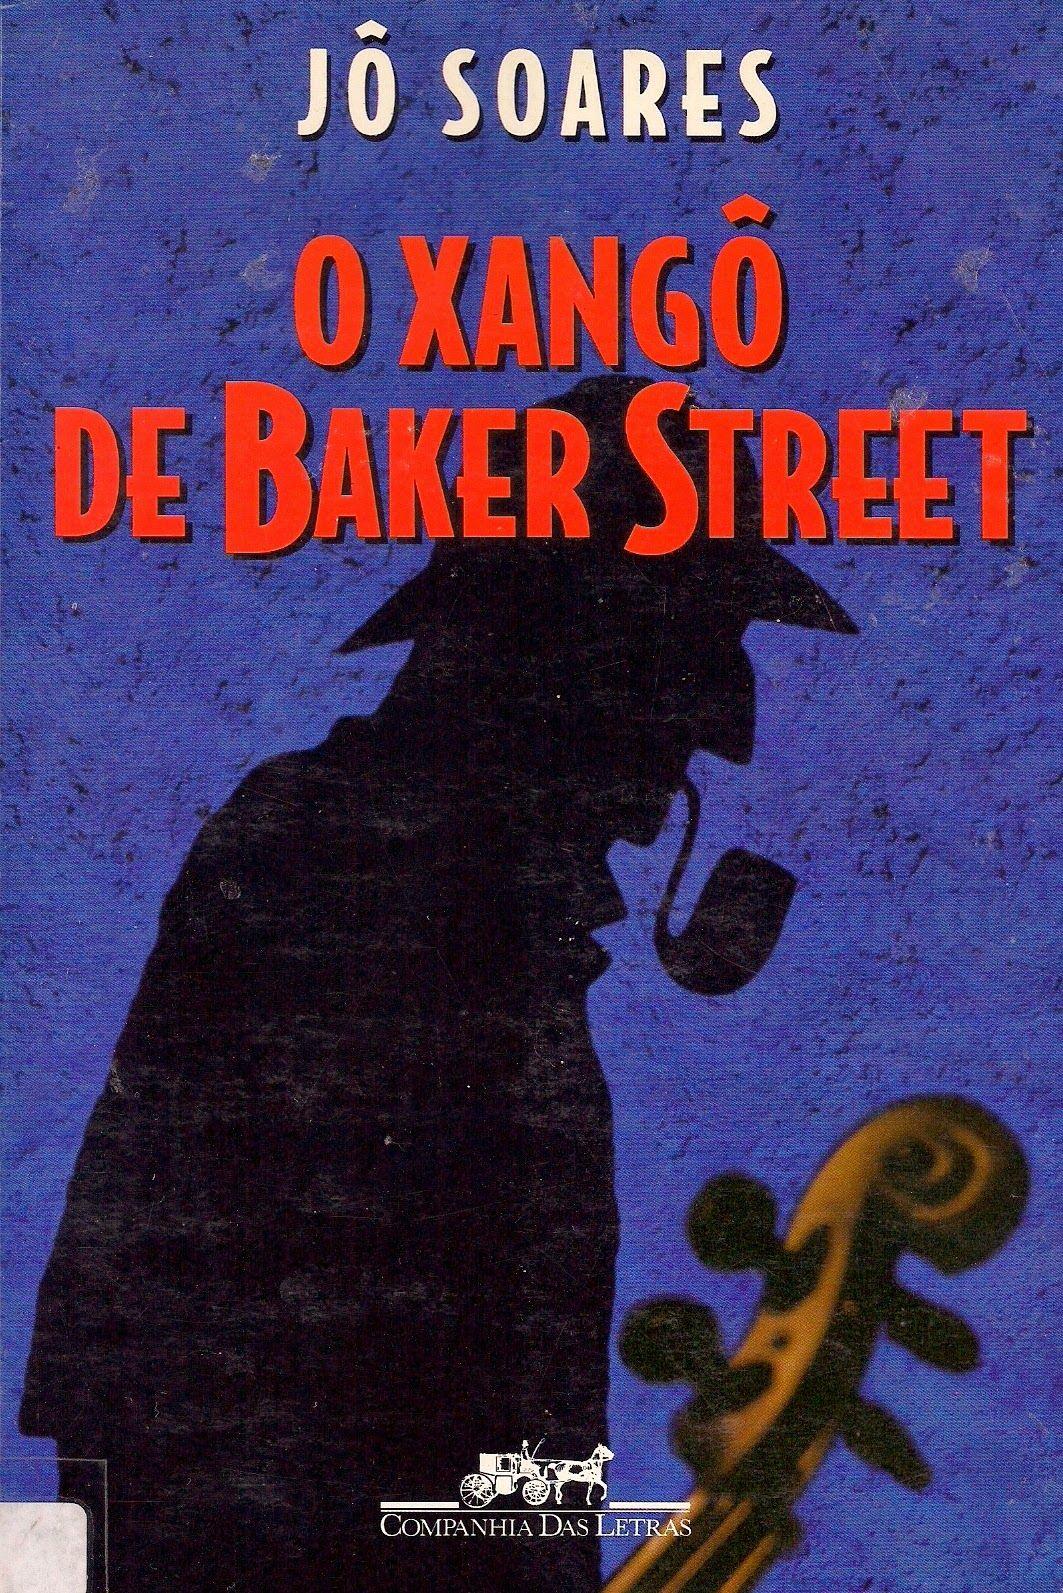 Momentos Da Fogui Resenha O Xango De Baker Street Jo Soares